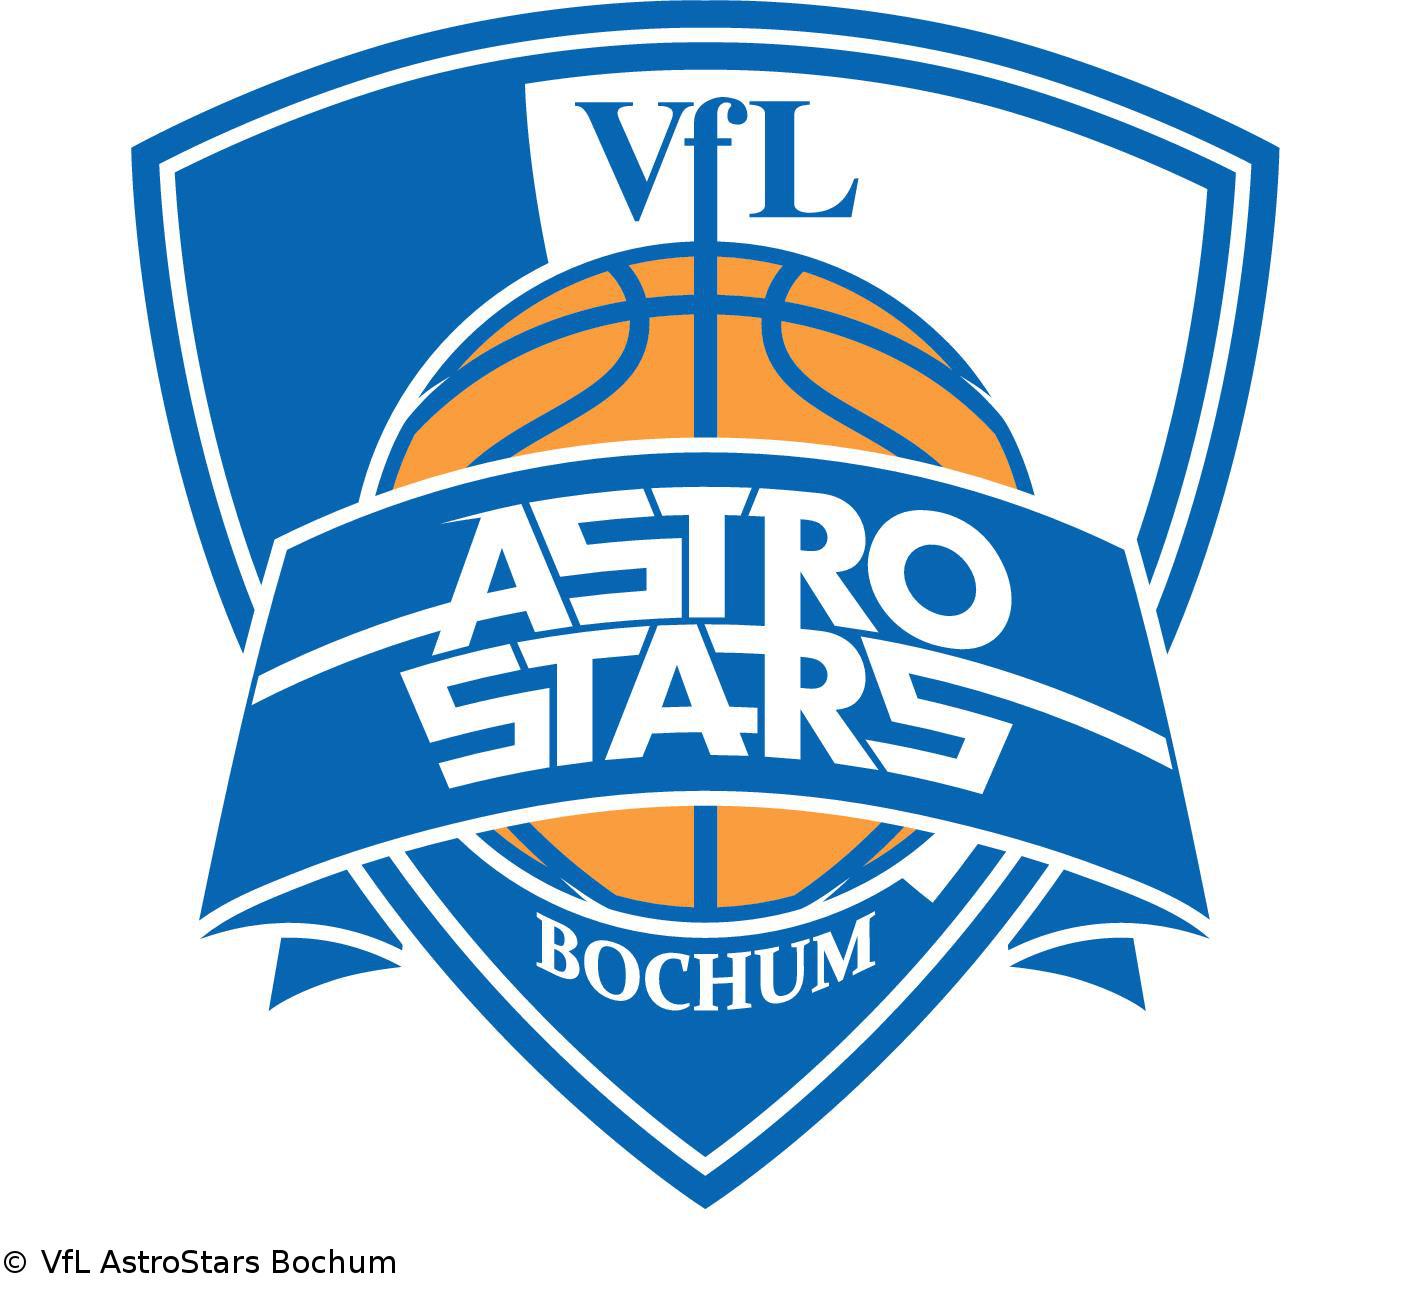 Vertragsverlängerung bei den AstroStars Bochum